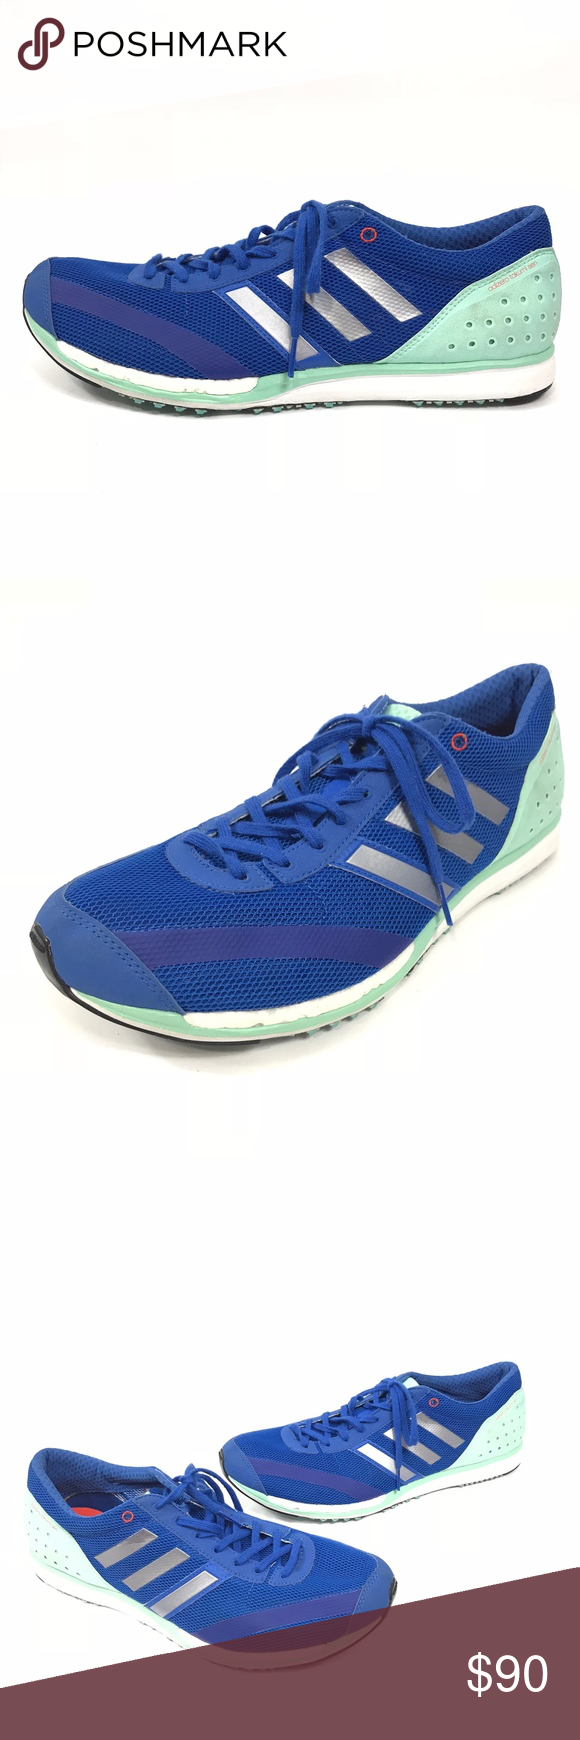 01702883b06 Adidas AdiZero Takumi Sen Running Training Shoes Adidas Mens AdiZero Takumi  Sen Running Training Shoes Blue